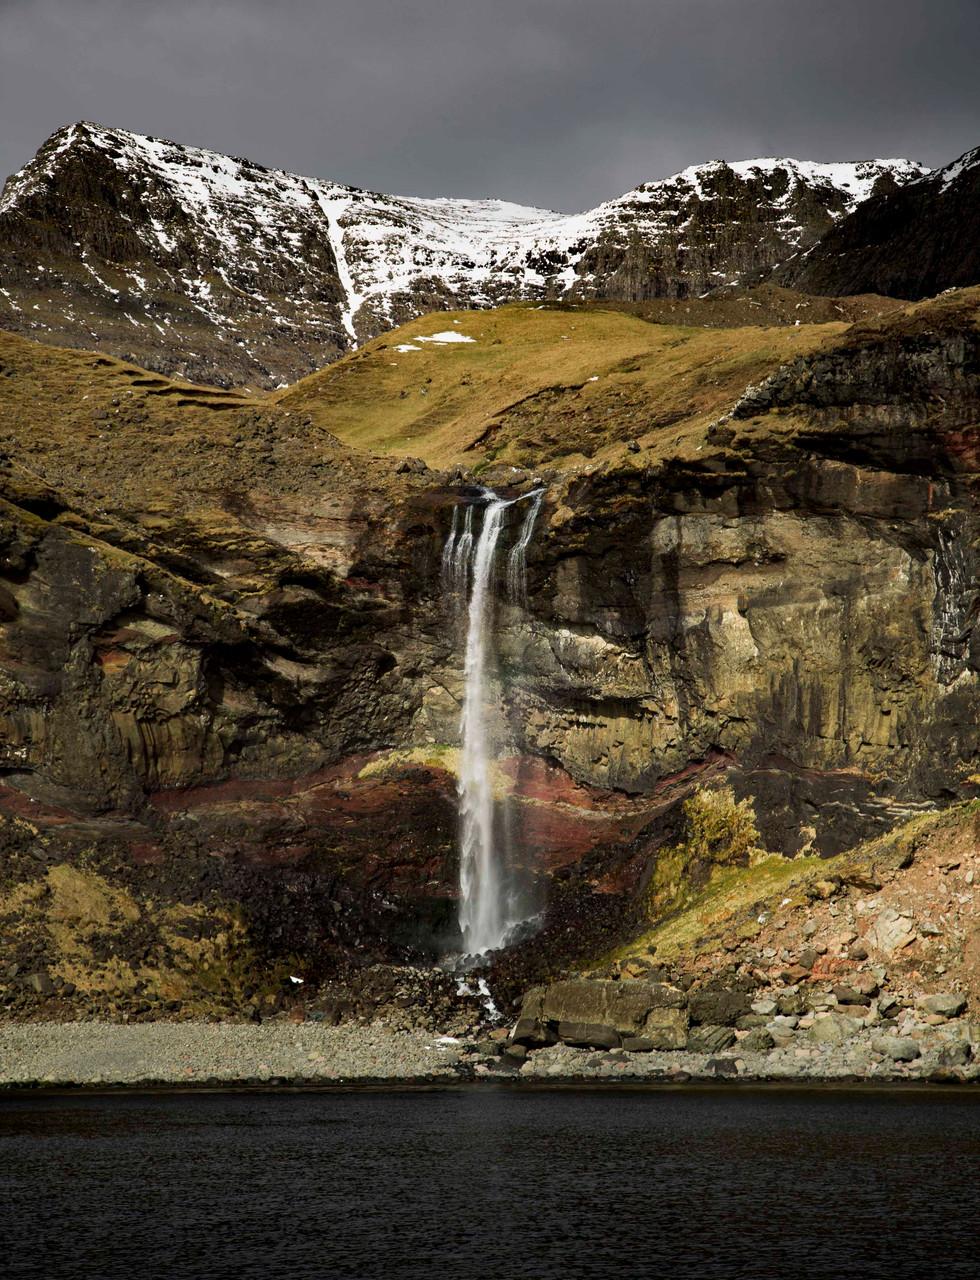 Vagar waterfall